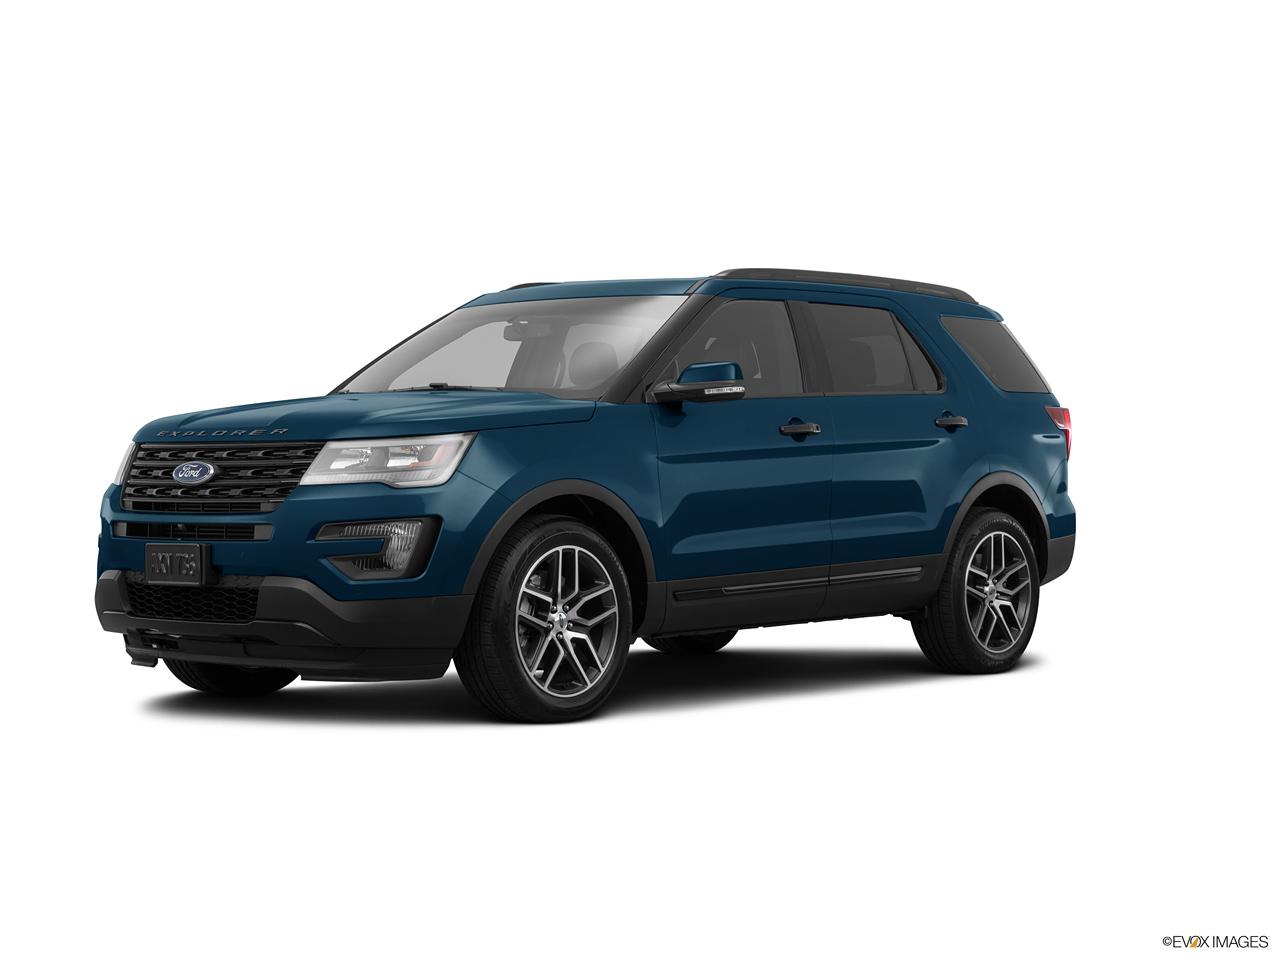 Car Pictures List for Ford Explorer 2018 3.5L V6 Sport